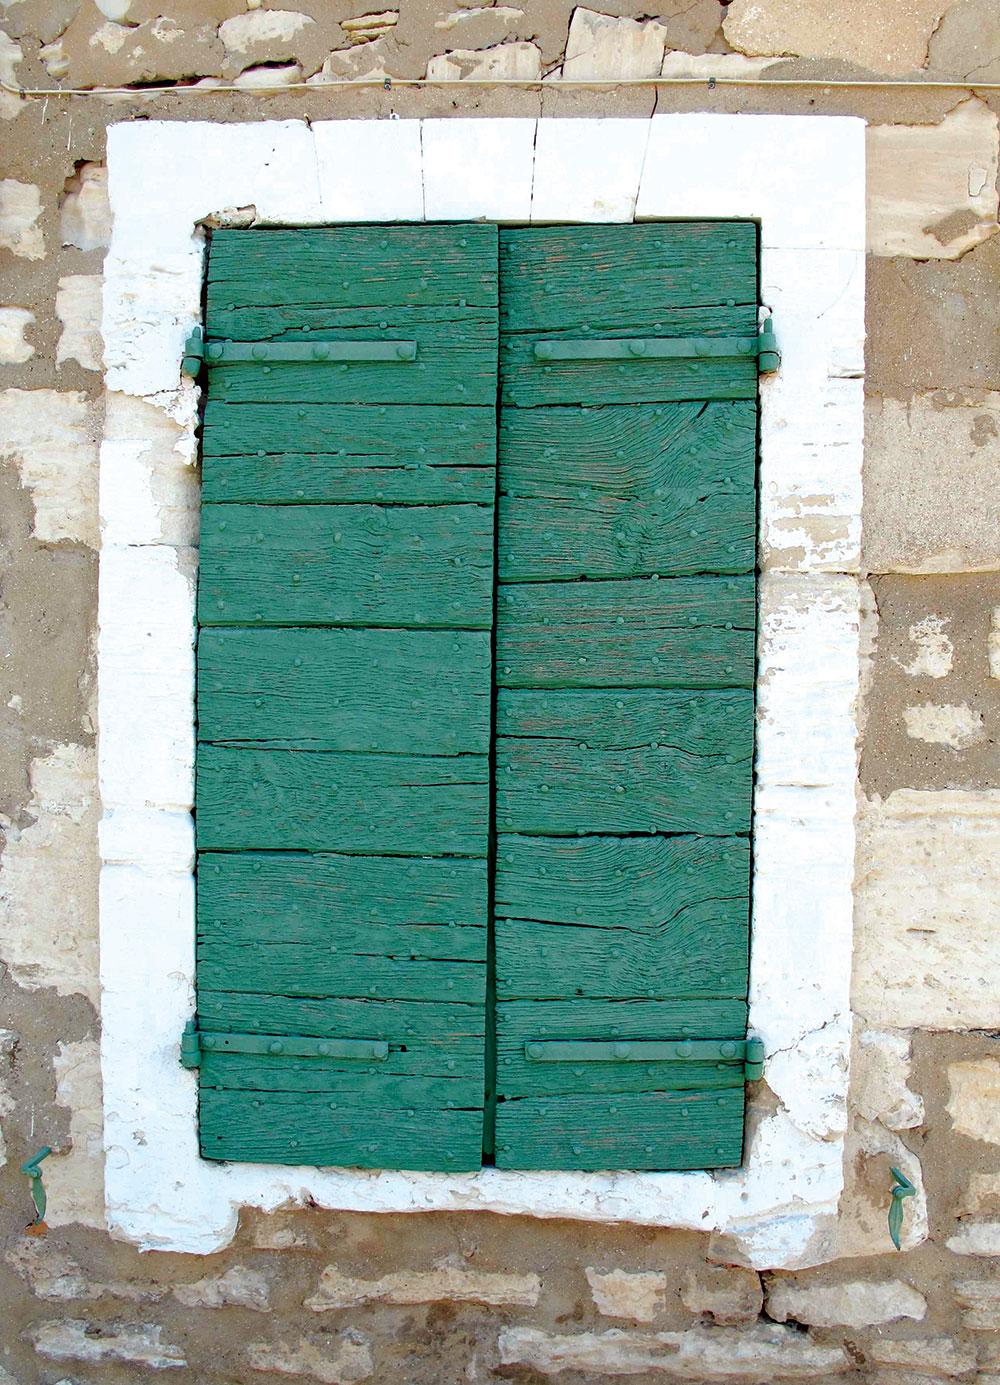 Šalukatre su dodatni element za prozore